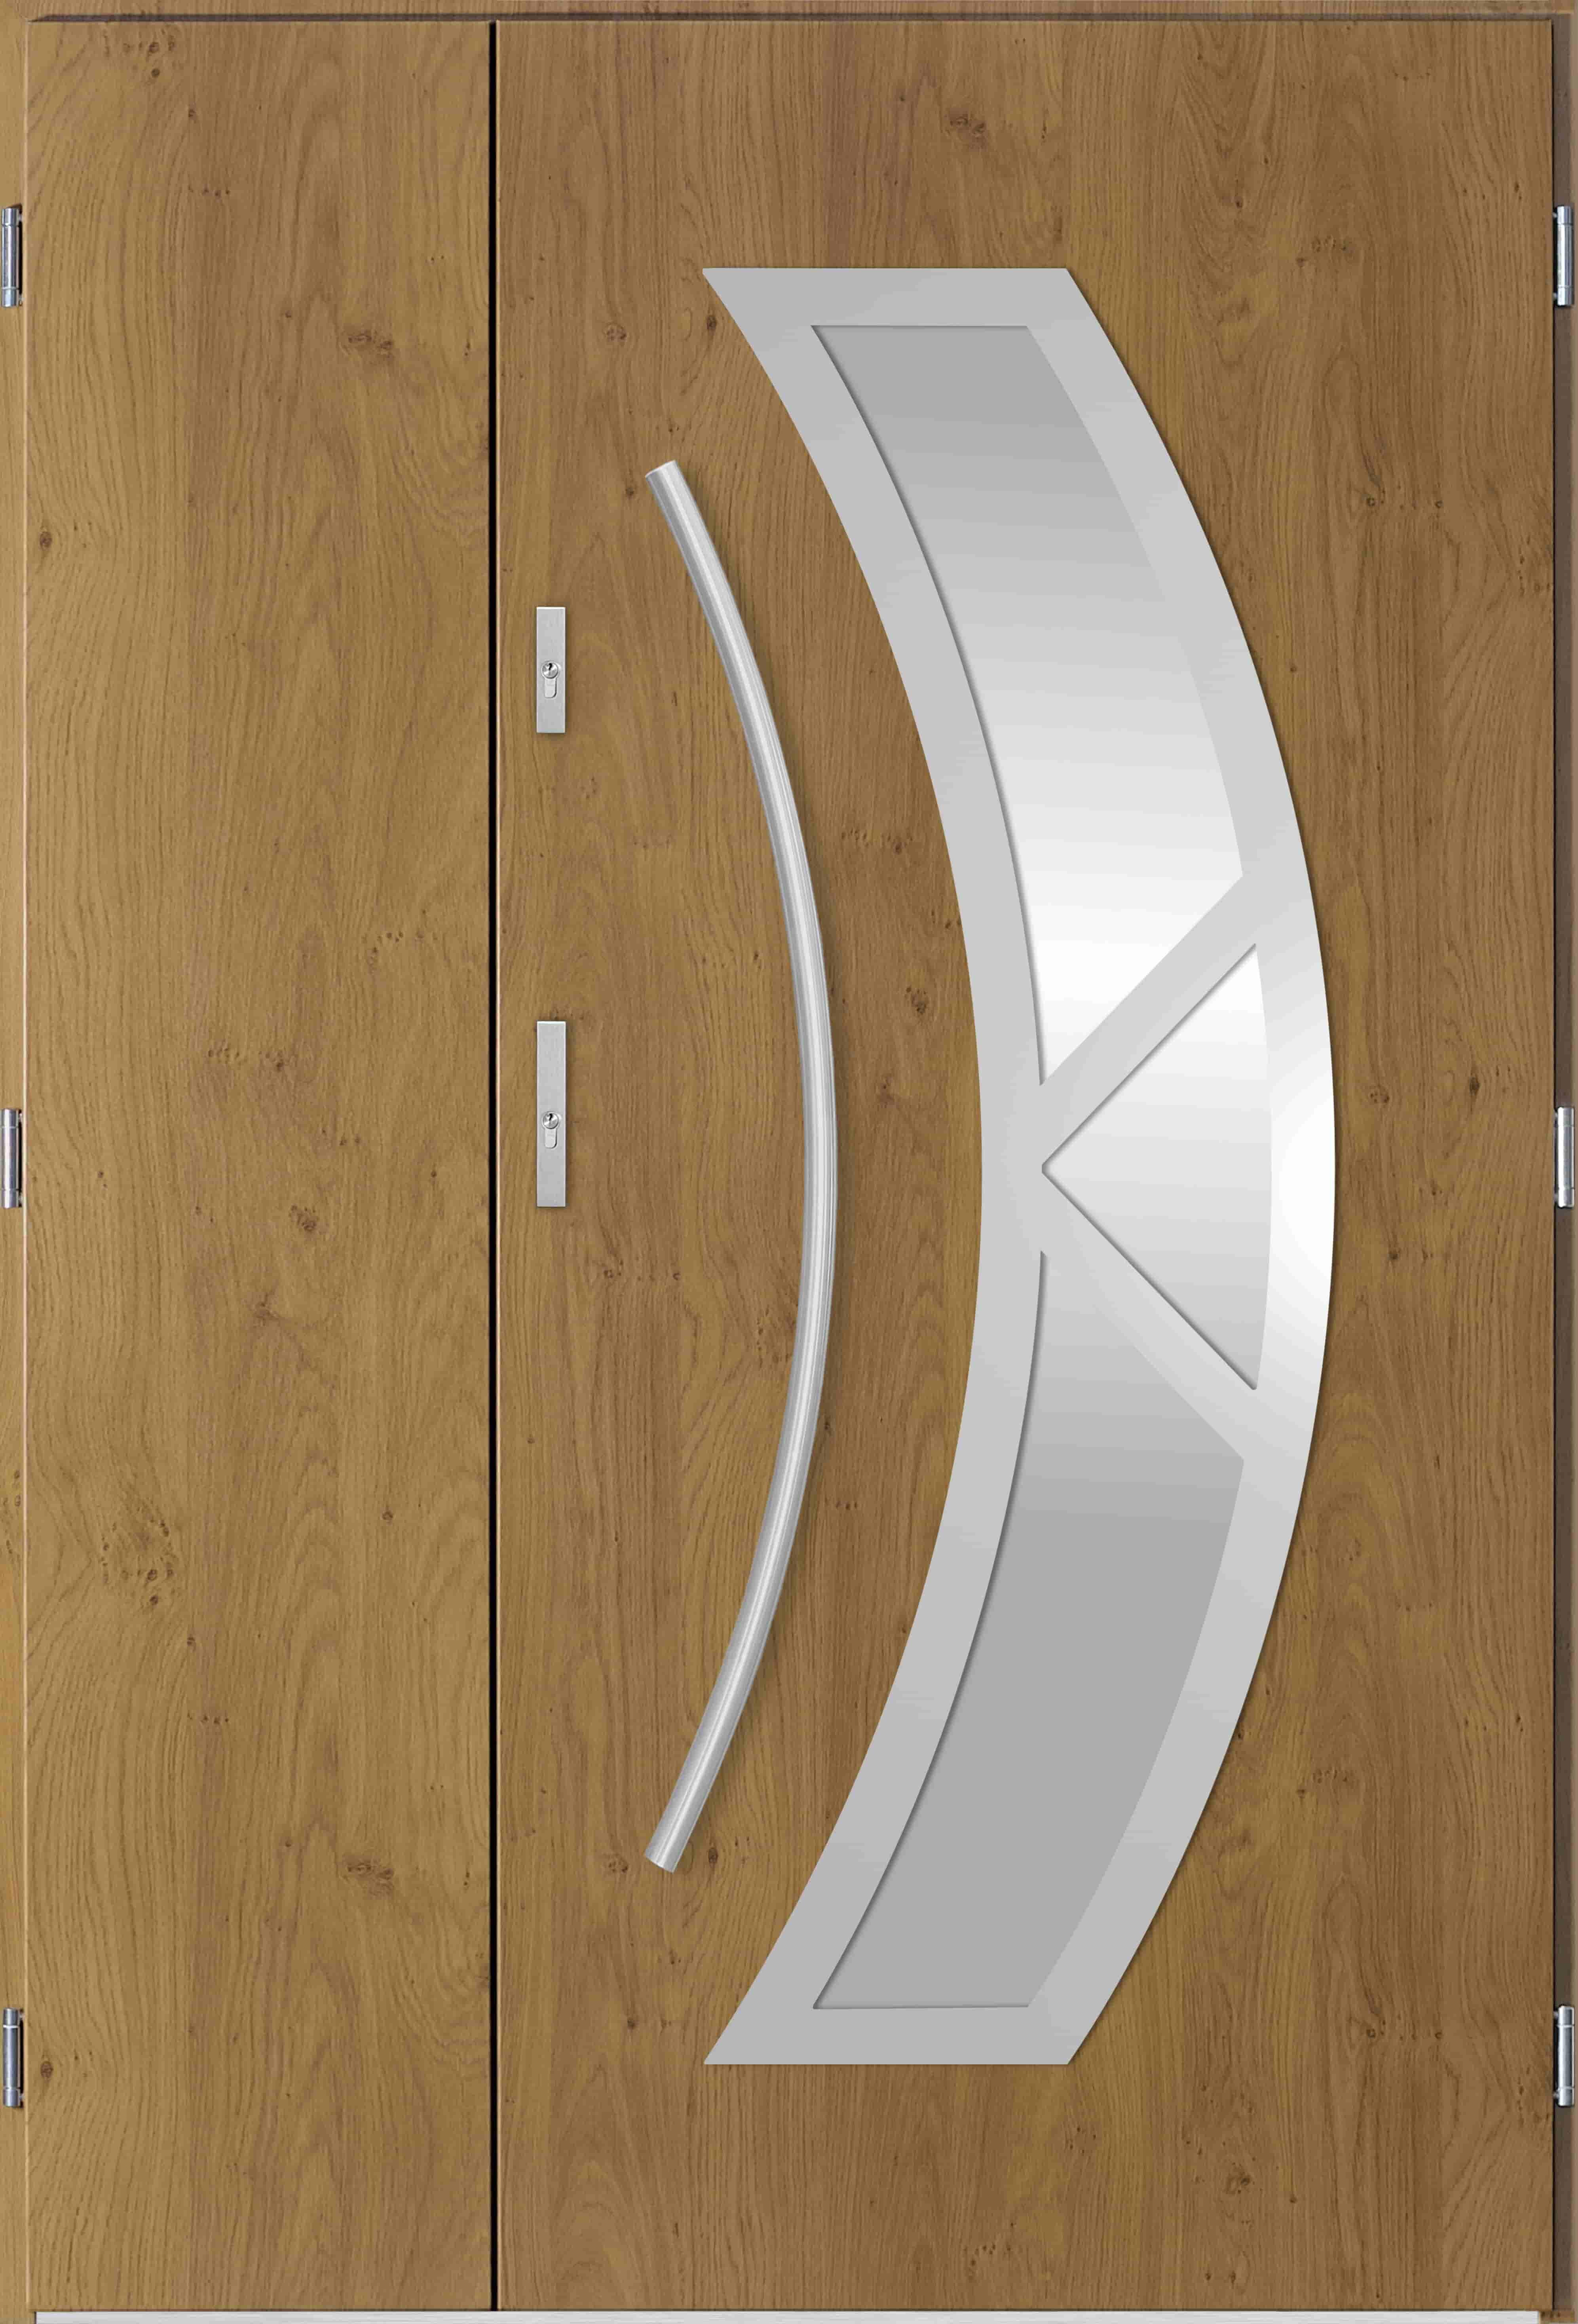 Dvoukøídlé ocelové vchodové dveøe Olivia, winchester